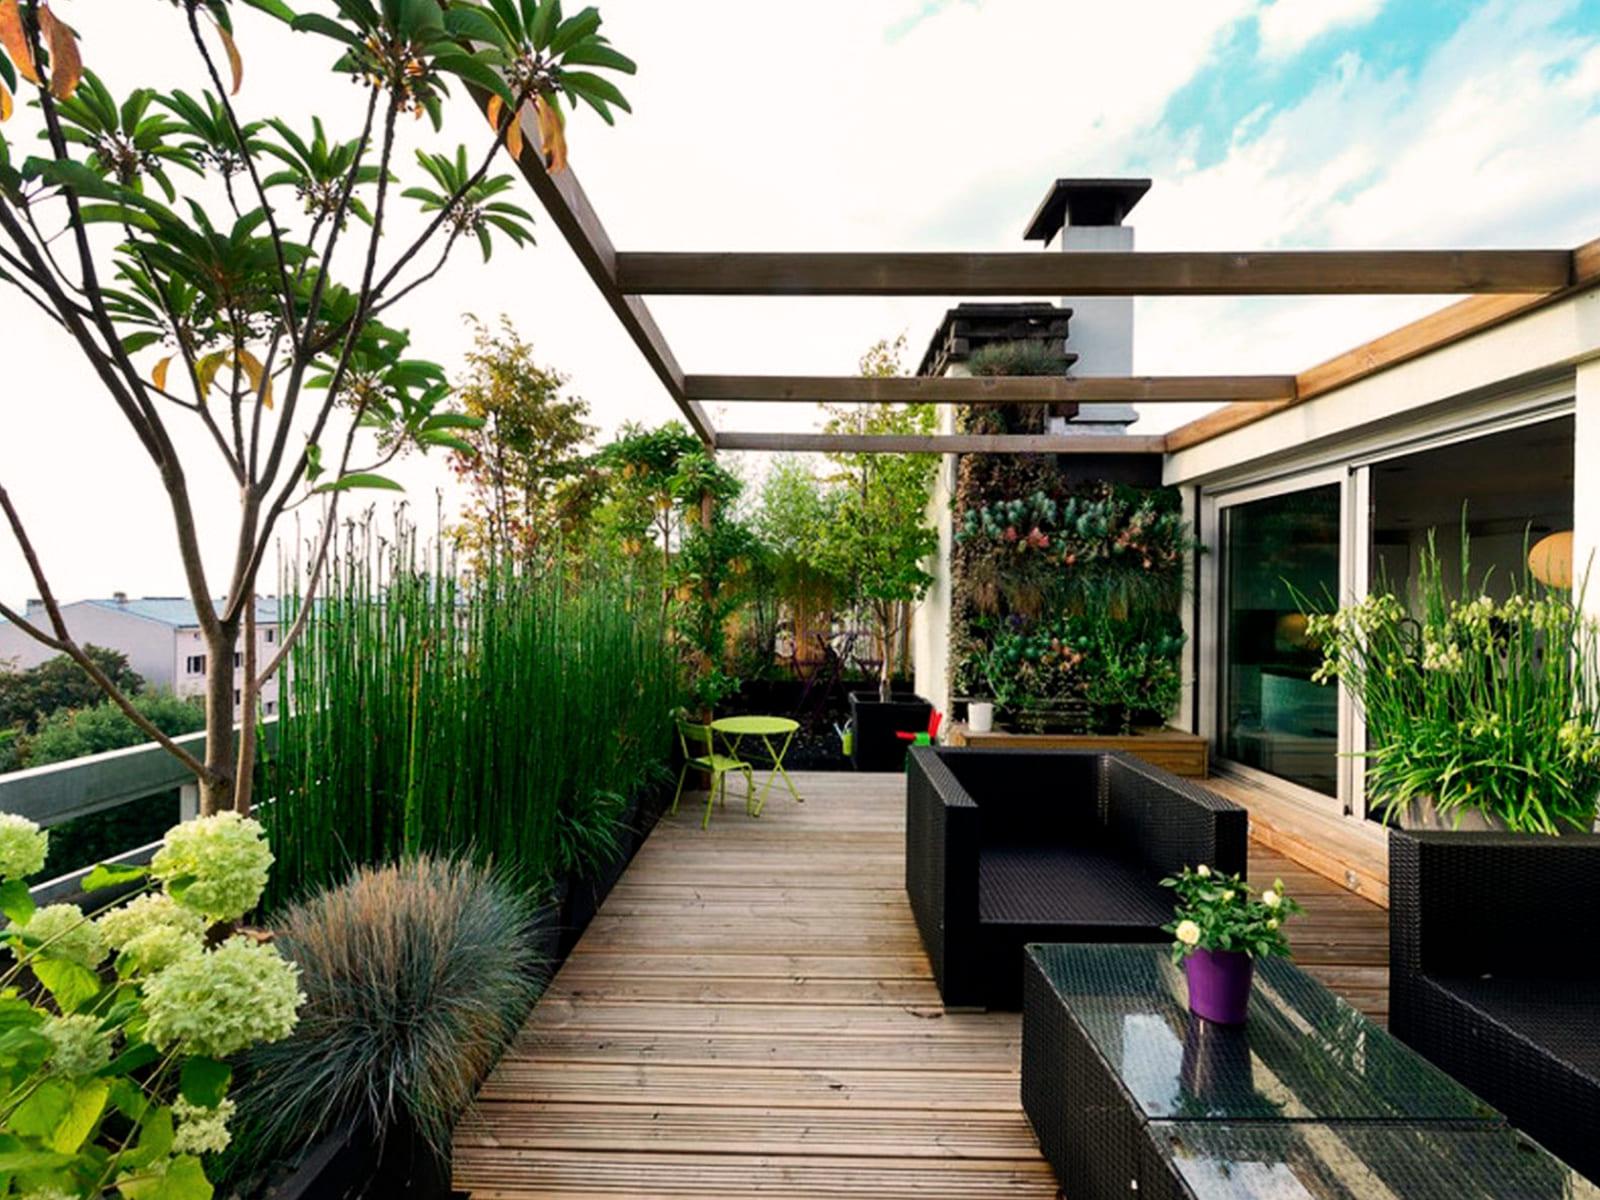 blog-vegetacion-decoracion-terrazas-balcones-14_HIDROJARDIN-Bañeres